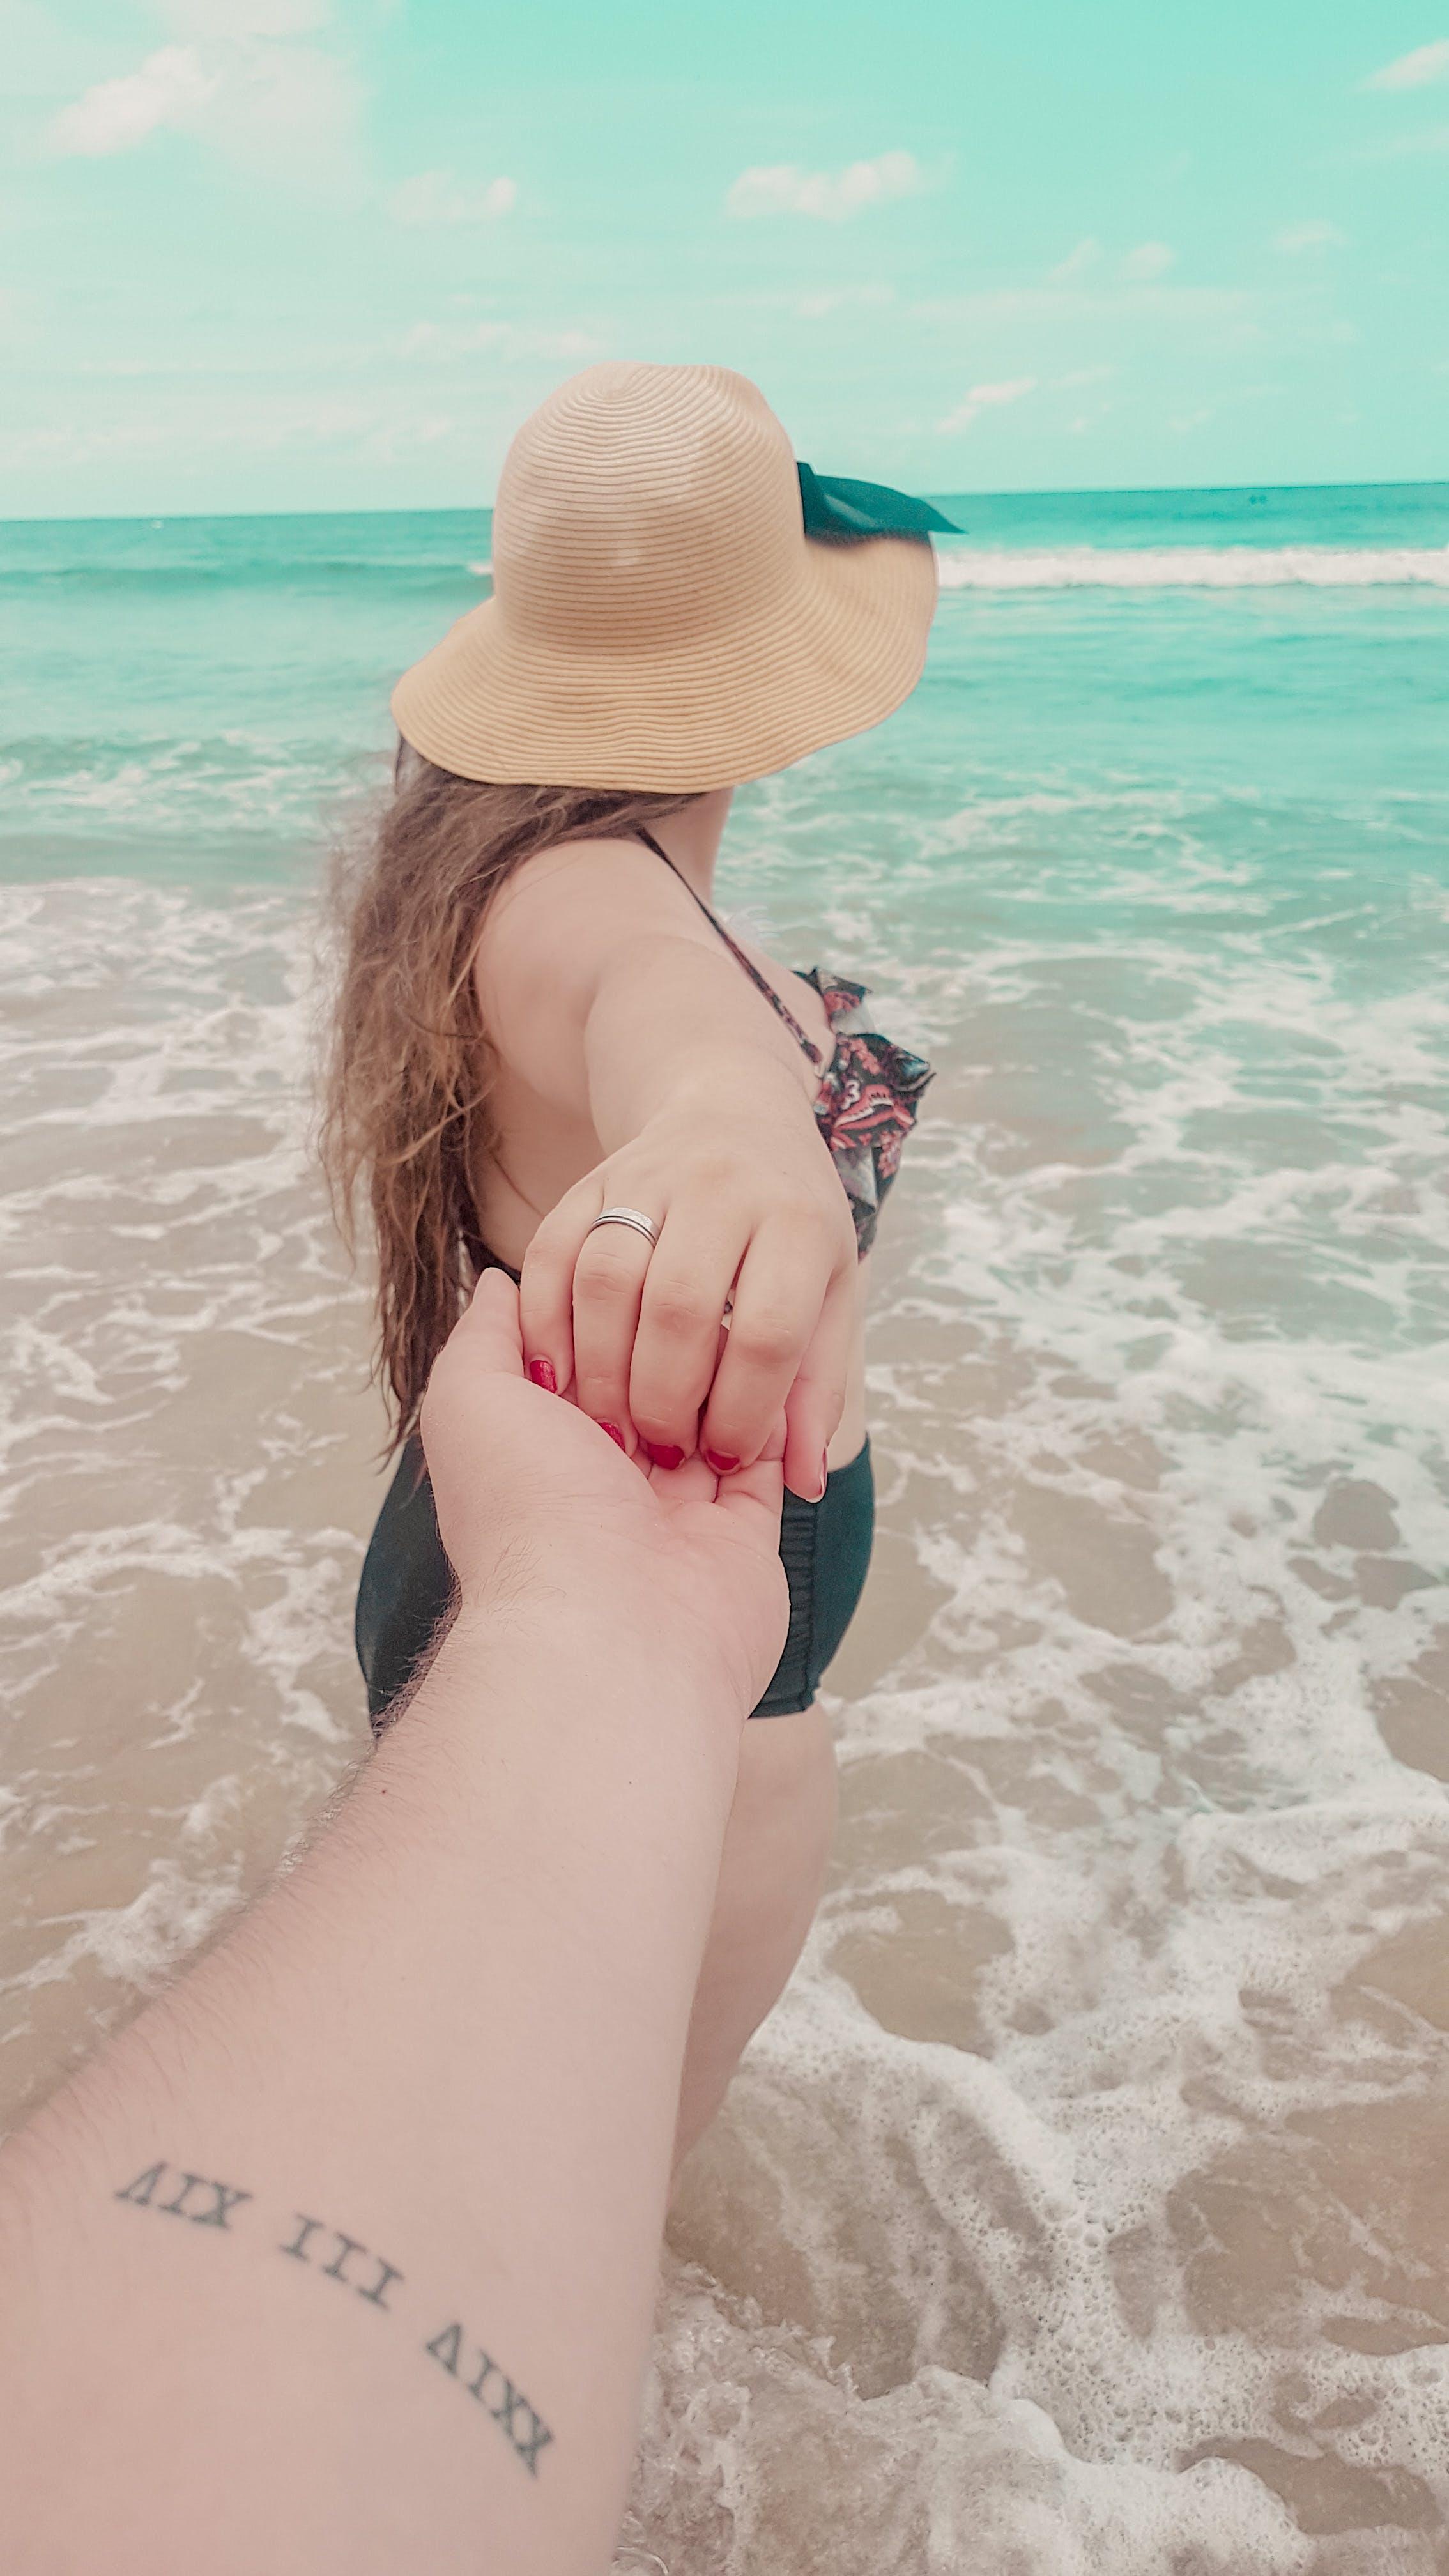 Free stock photo of beach, beautiful, beauty, brazil